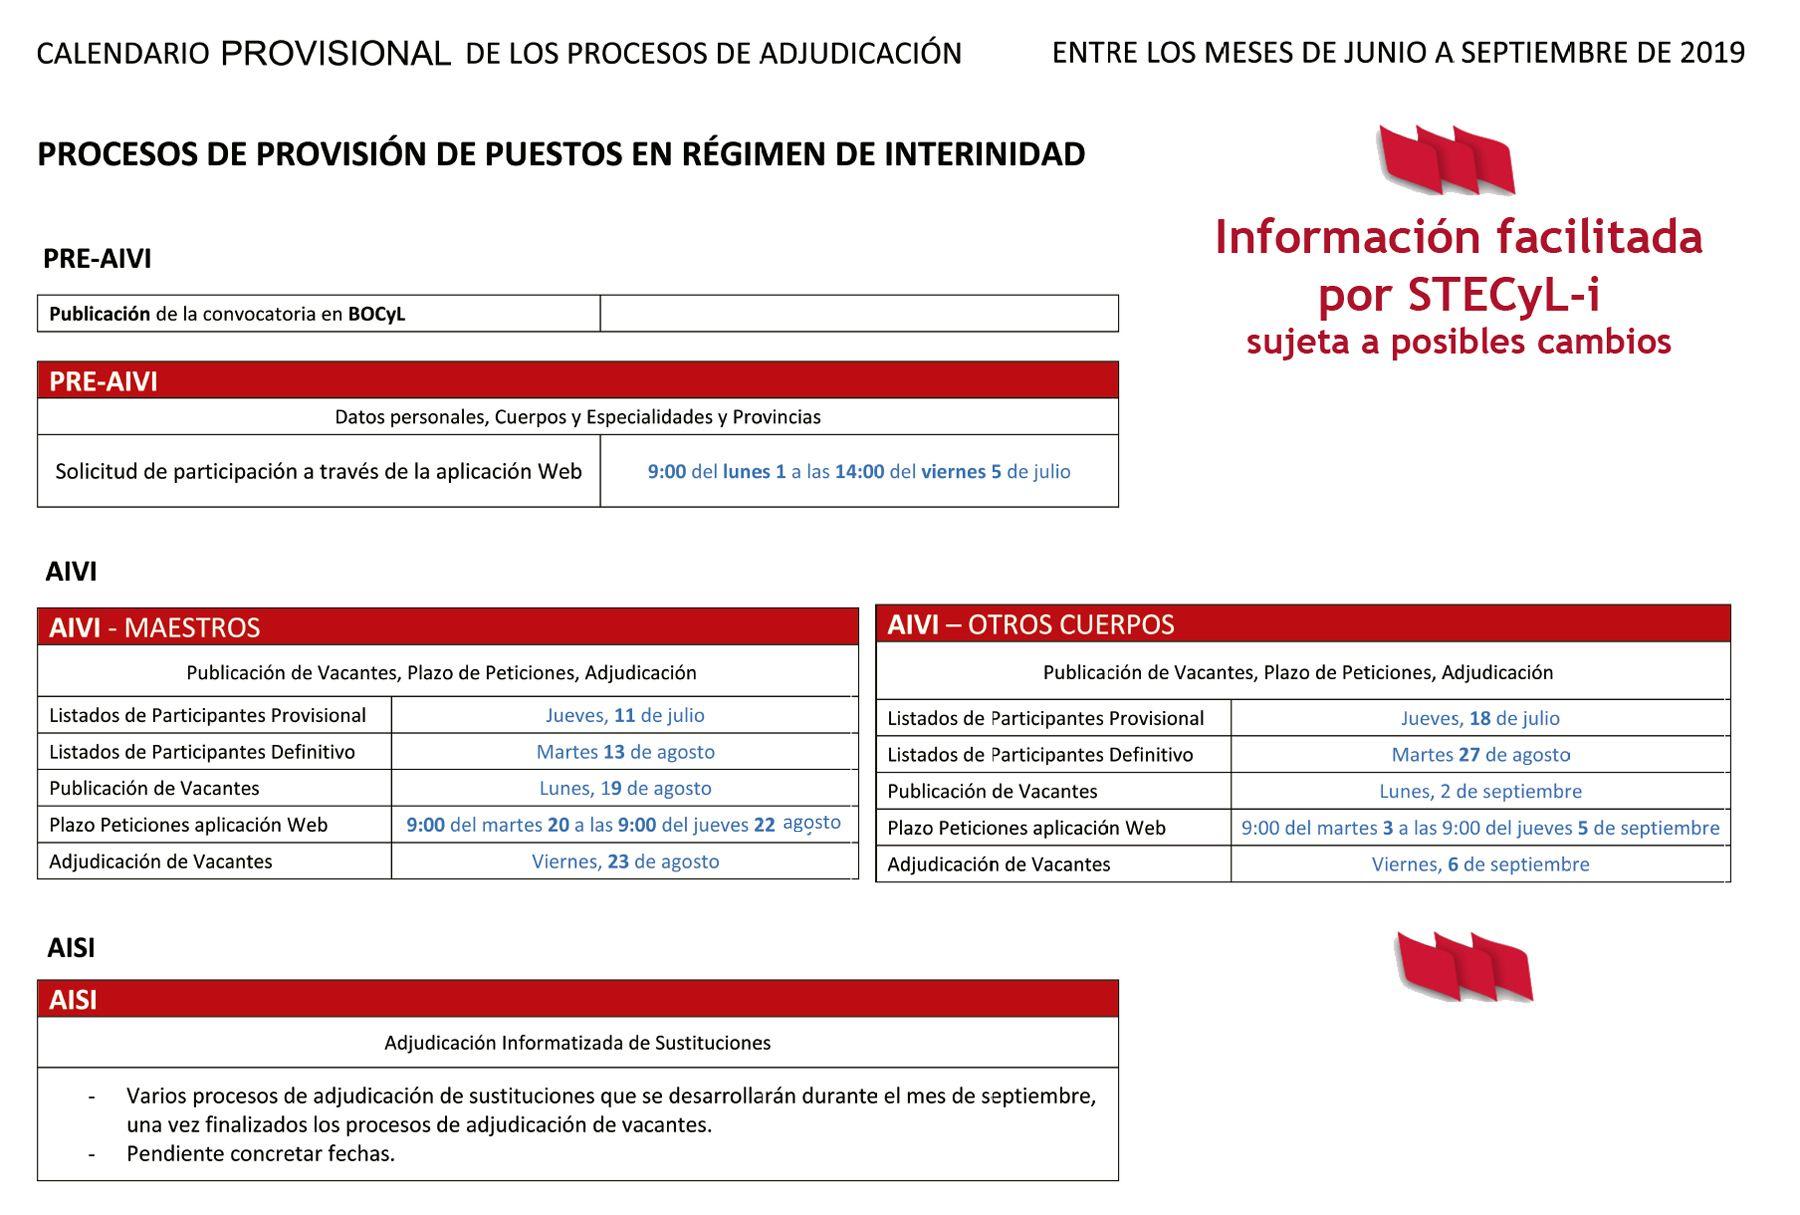 Calendario-Adjudicaciones-19-20-Interinidades